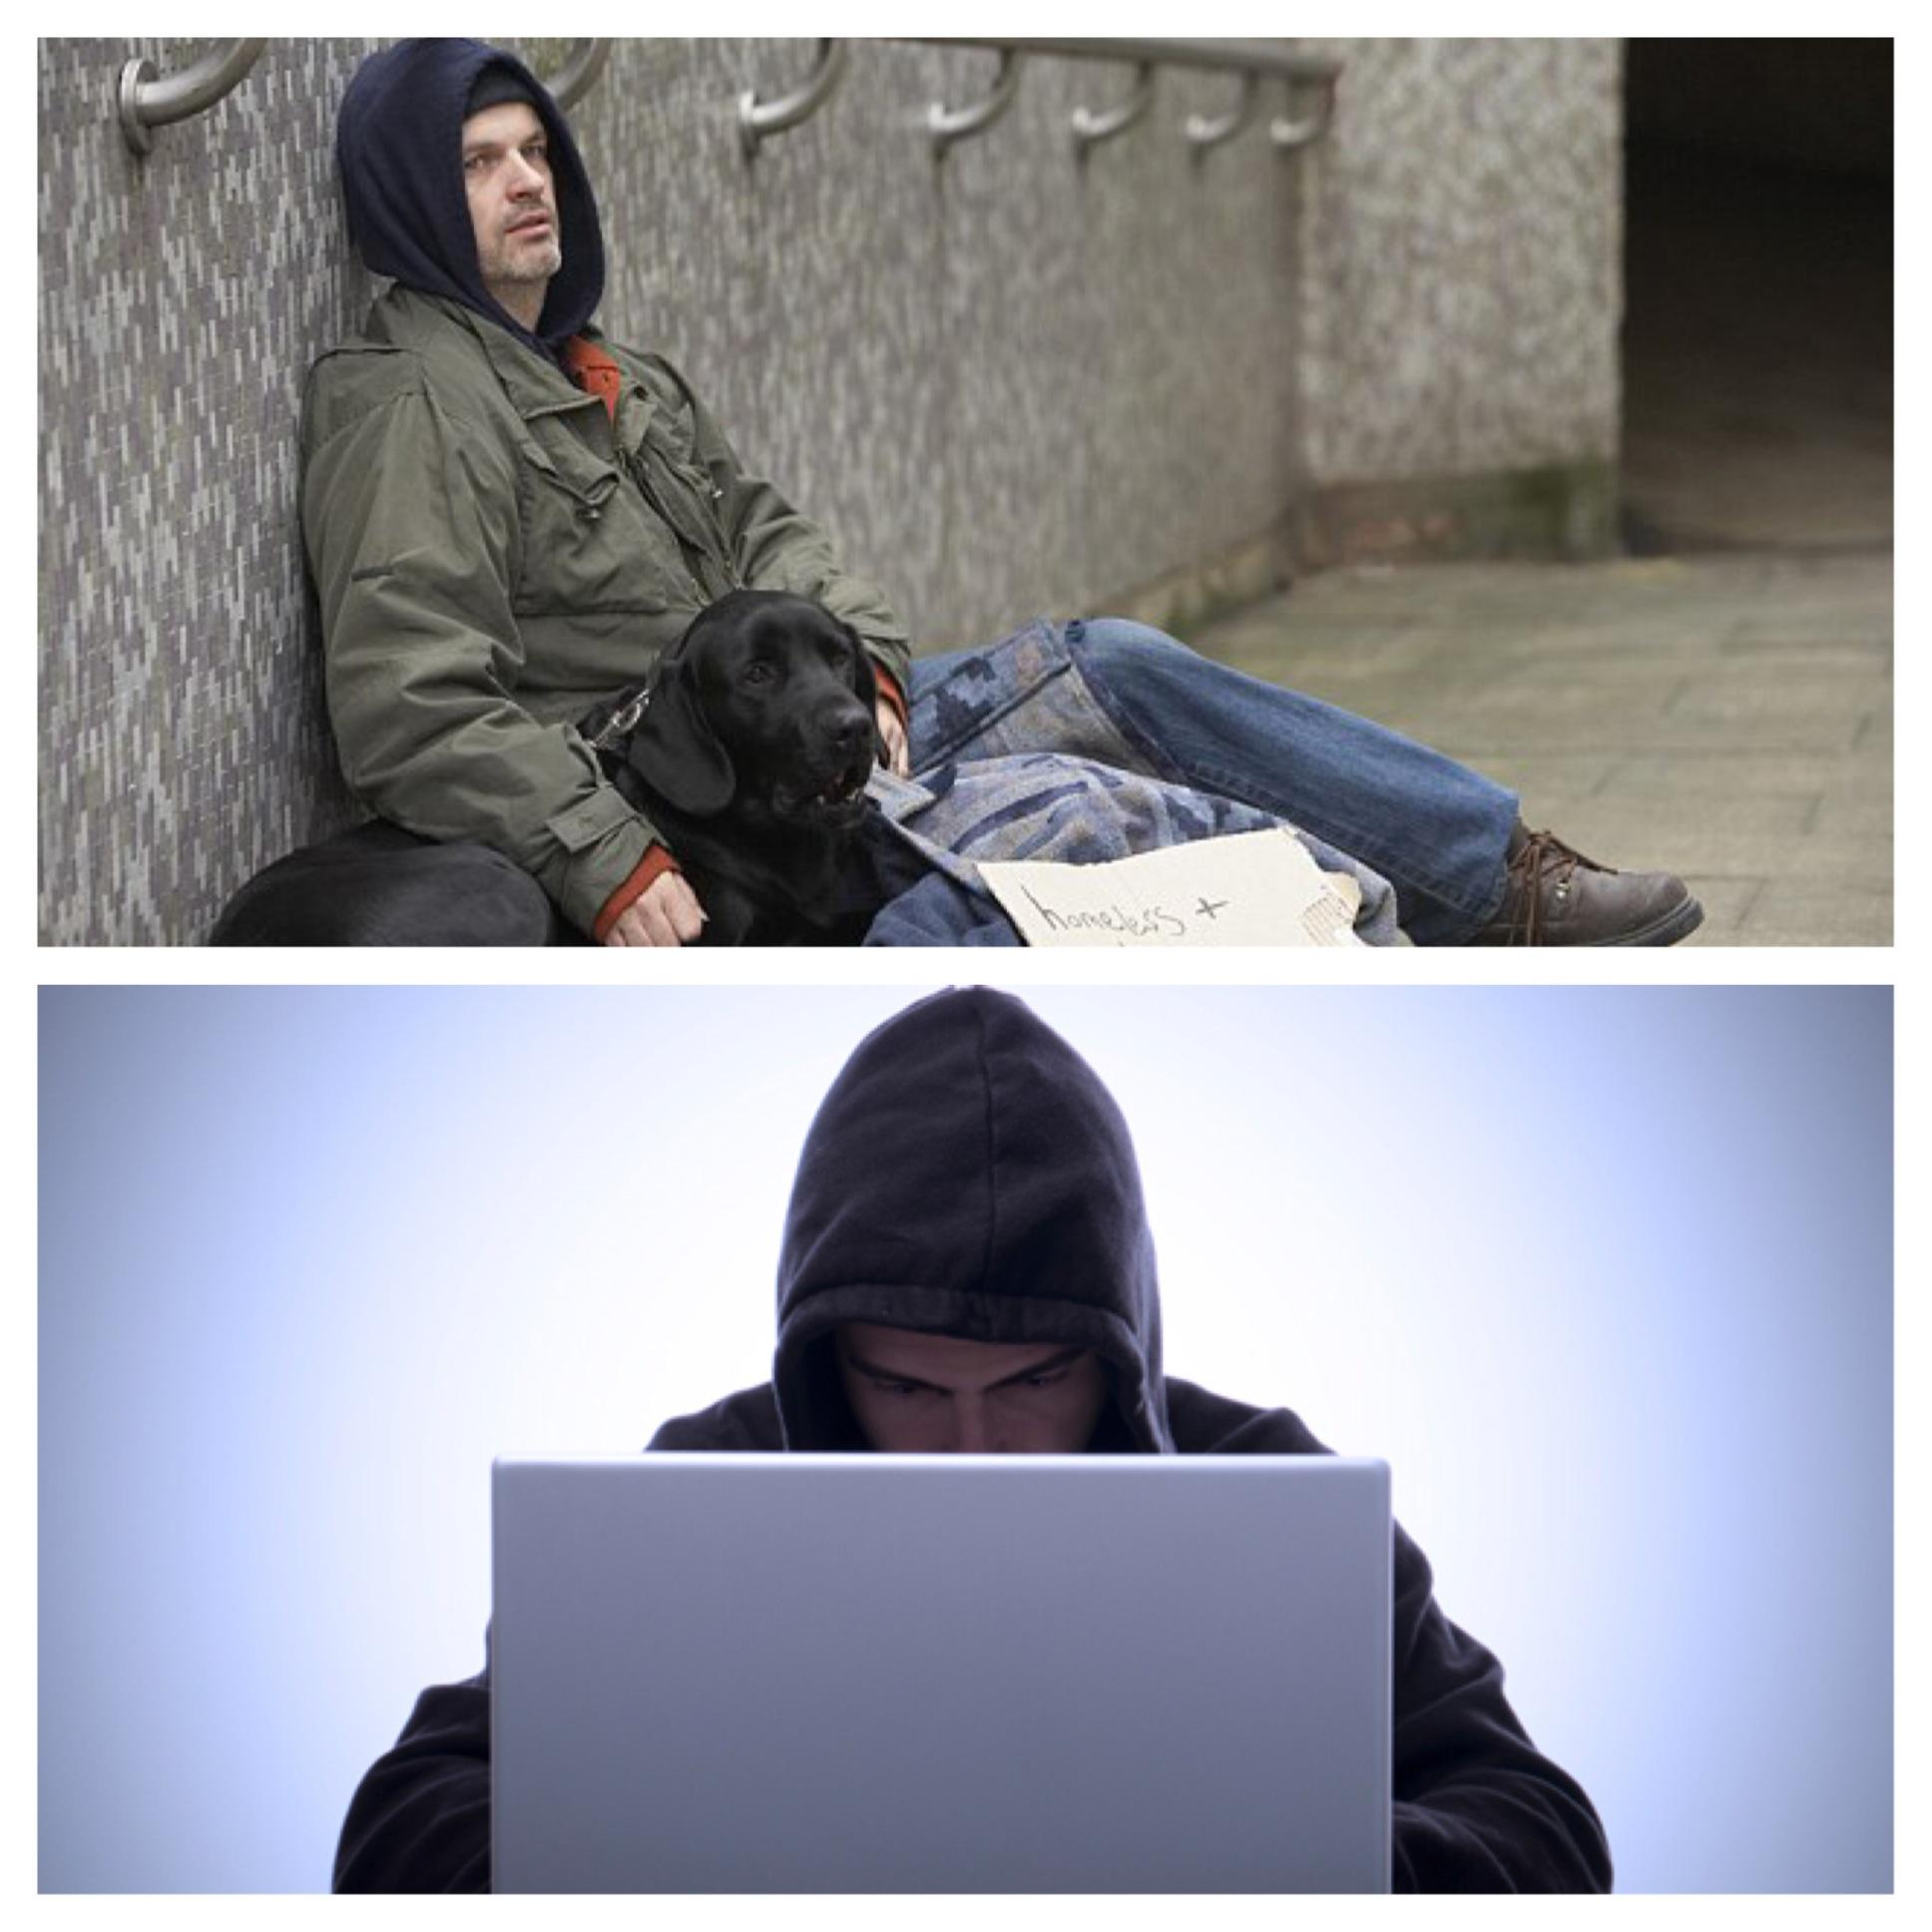 Homeless and Hacker wearing Hoodie